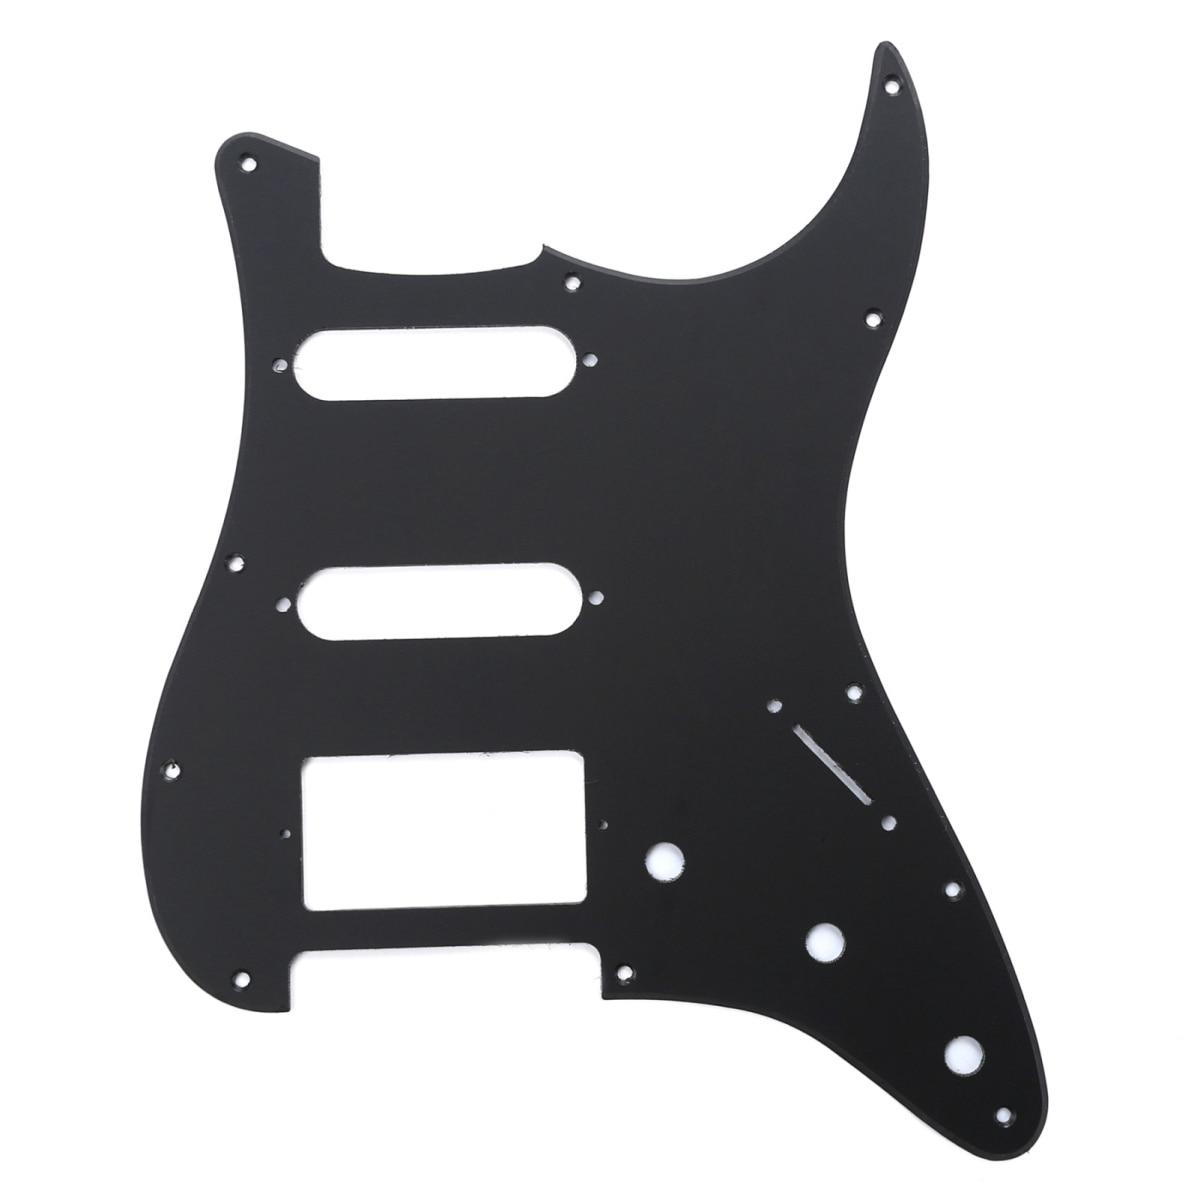 Musiclily HSS golpeador de guitarra de 11 orificios Strat para Fender USA/mexicana...